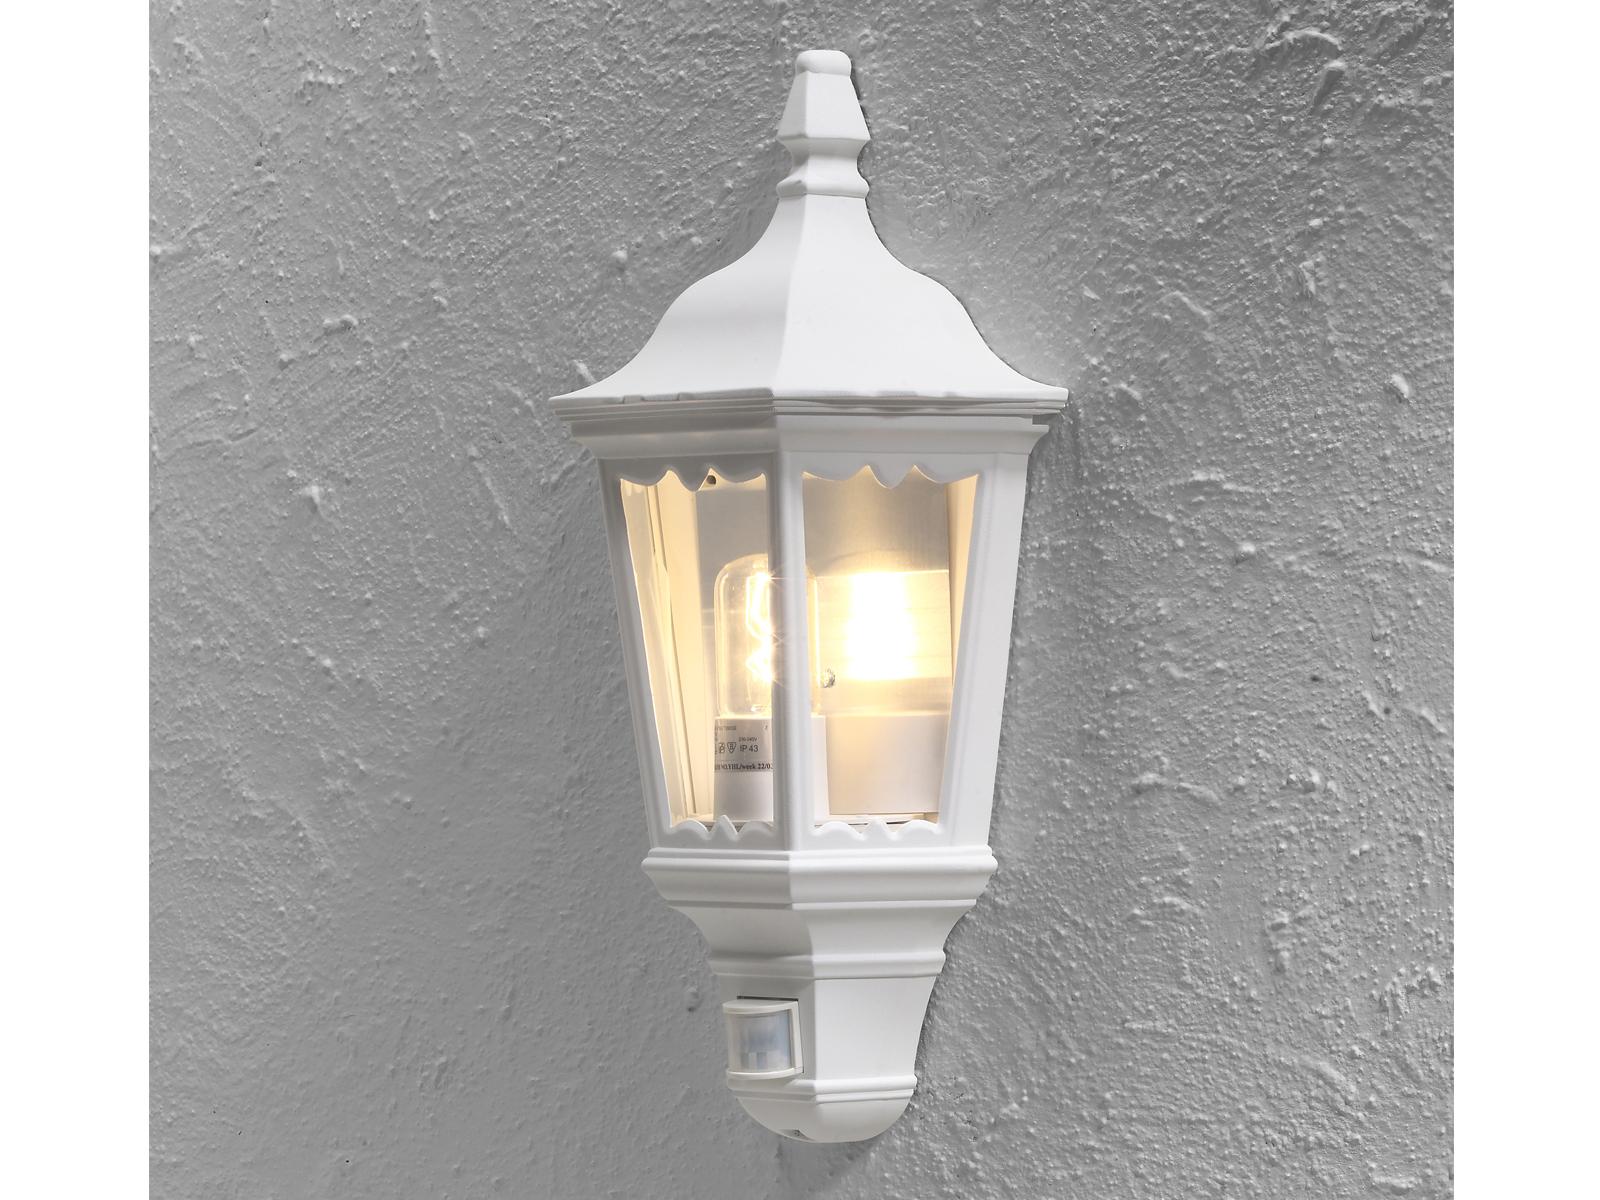 Mezza gusci außenwandleucht con rilevatore di movimento Firenze Lampada da parete